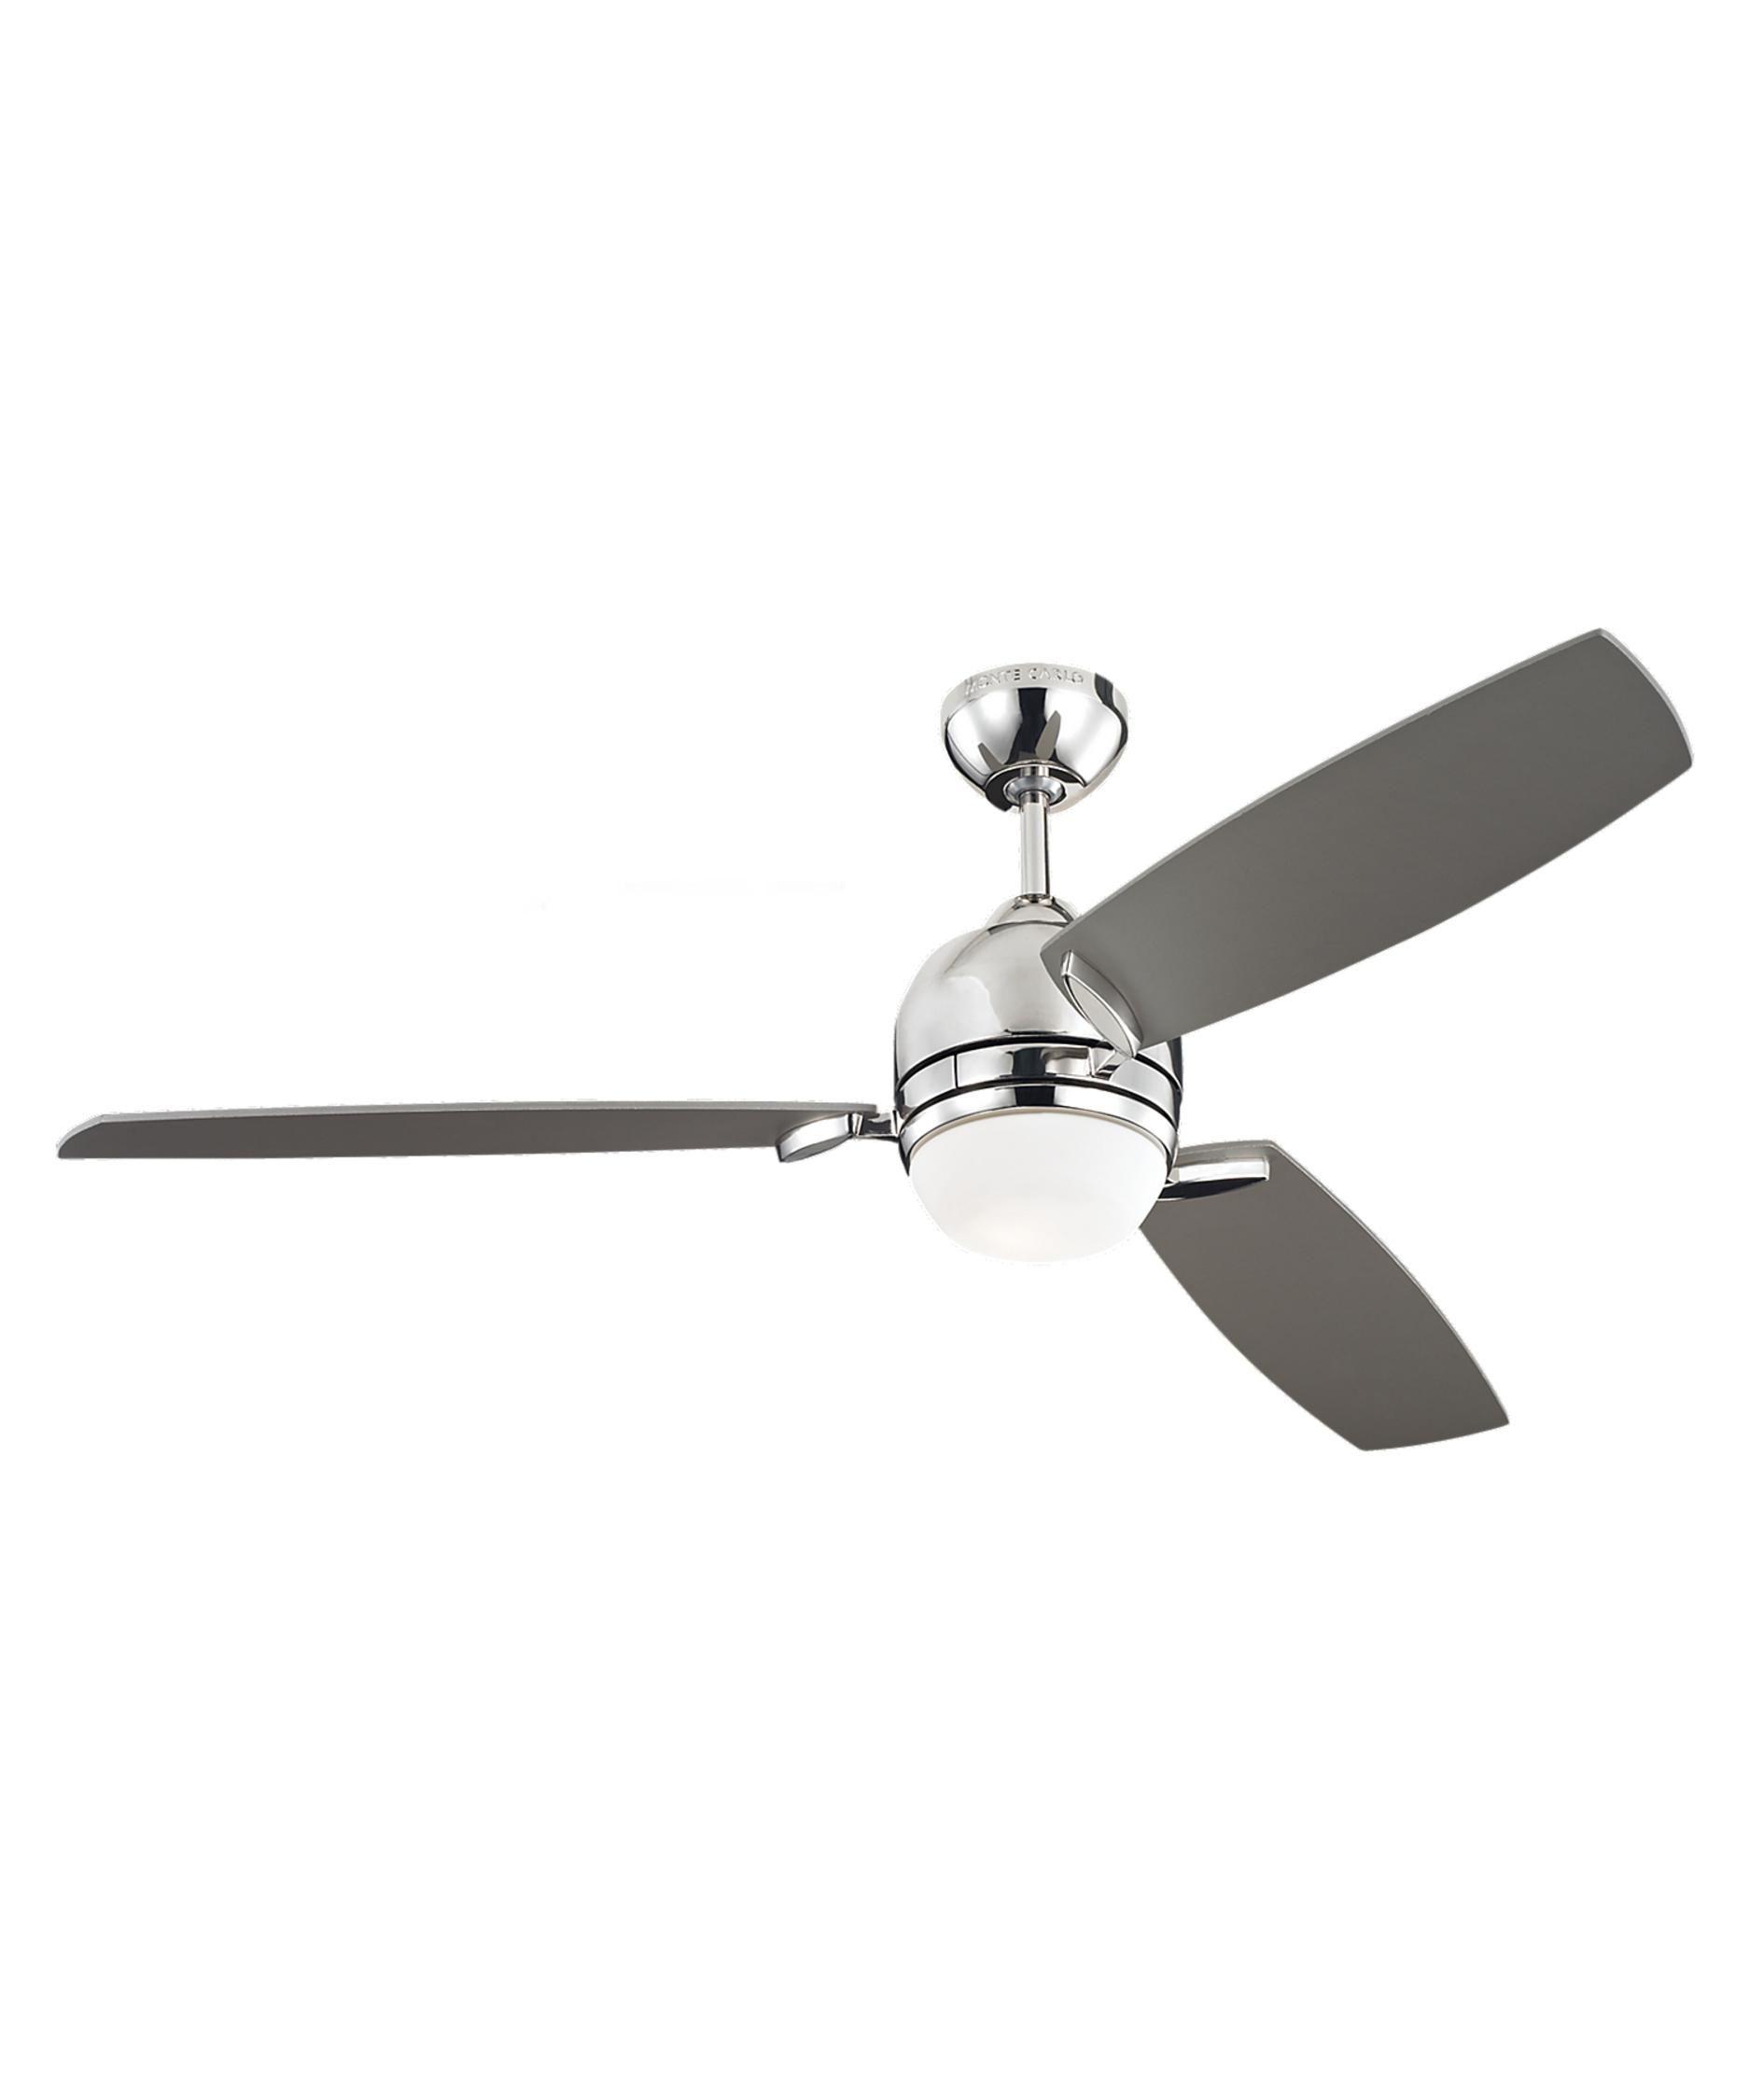 Monte Carlo 3MUR52 Muirfield 52 Inch Ceiling Fan With Light Kit